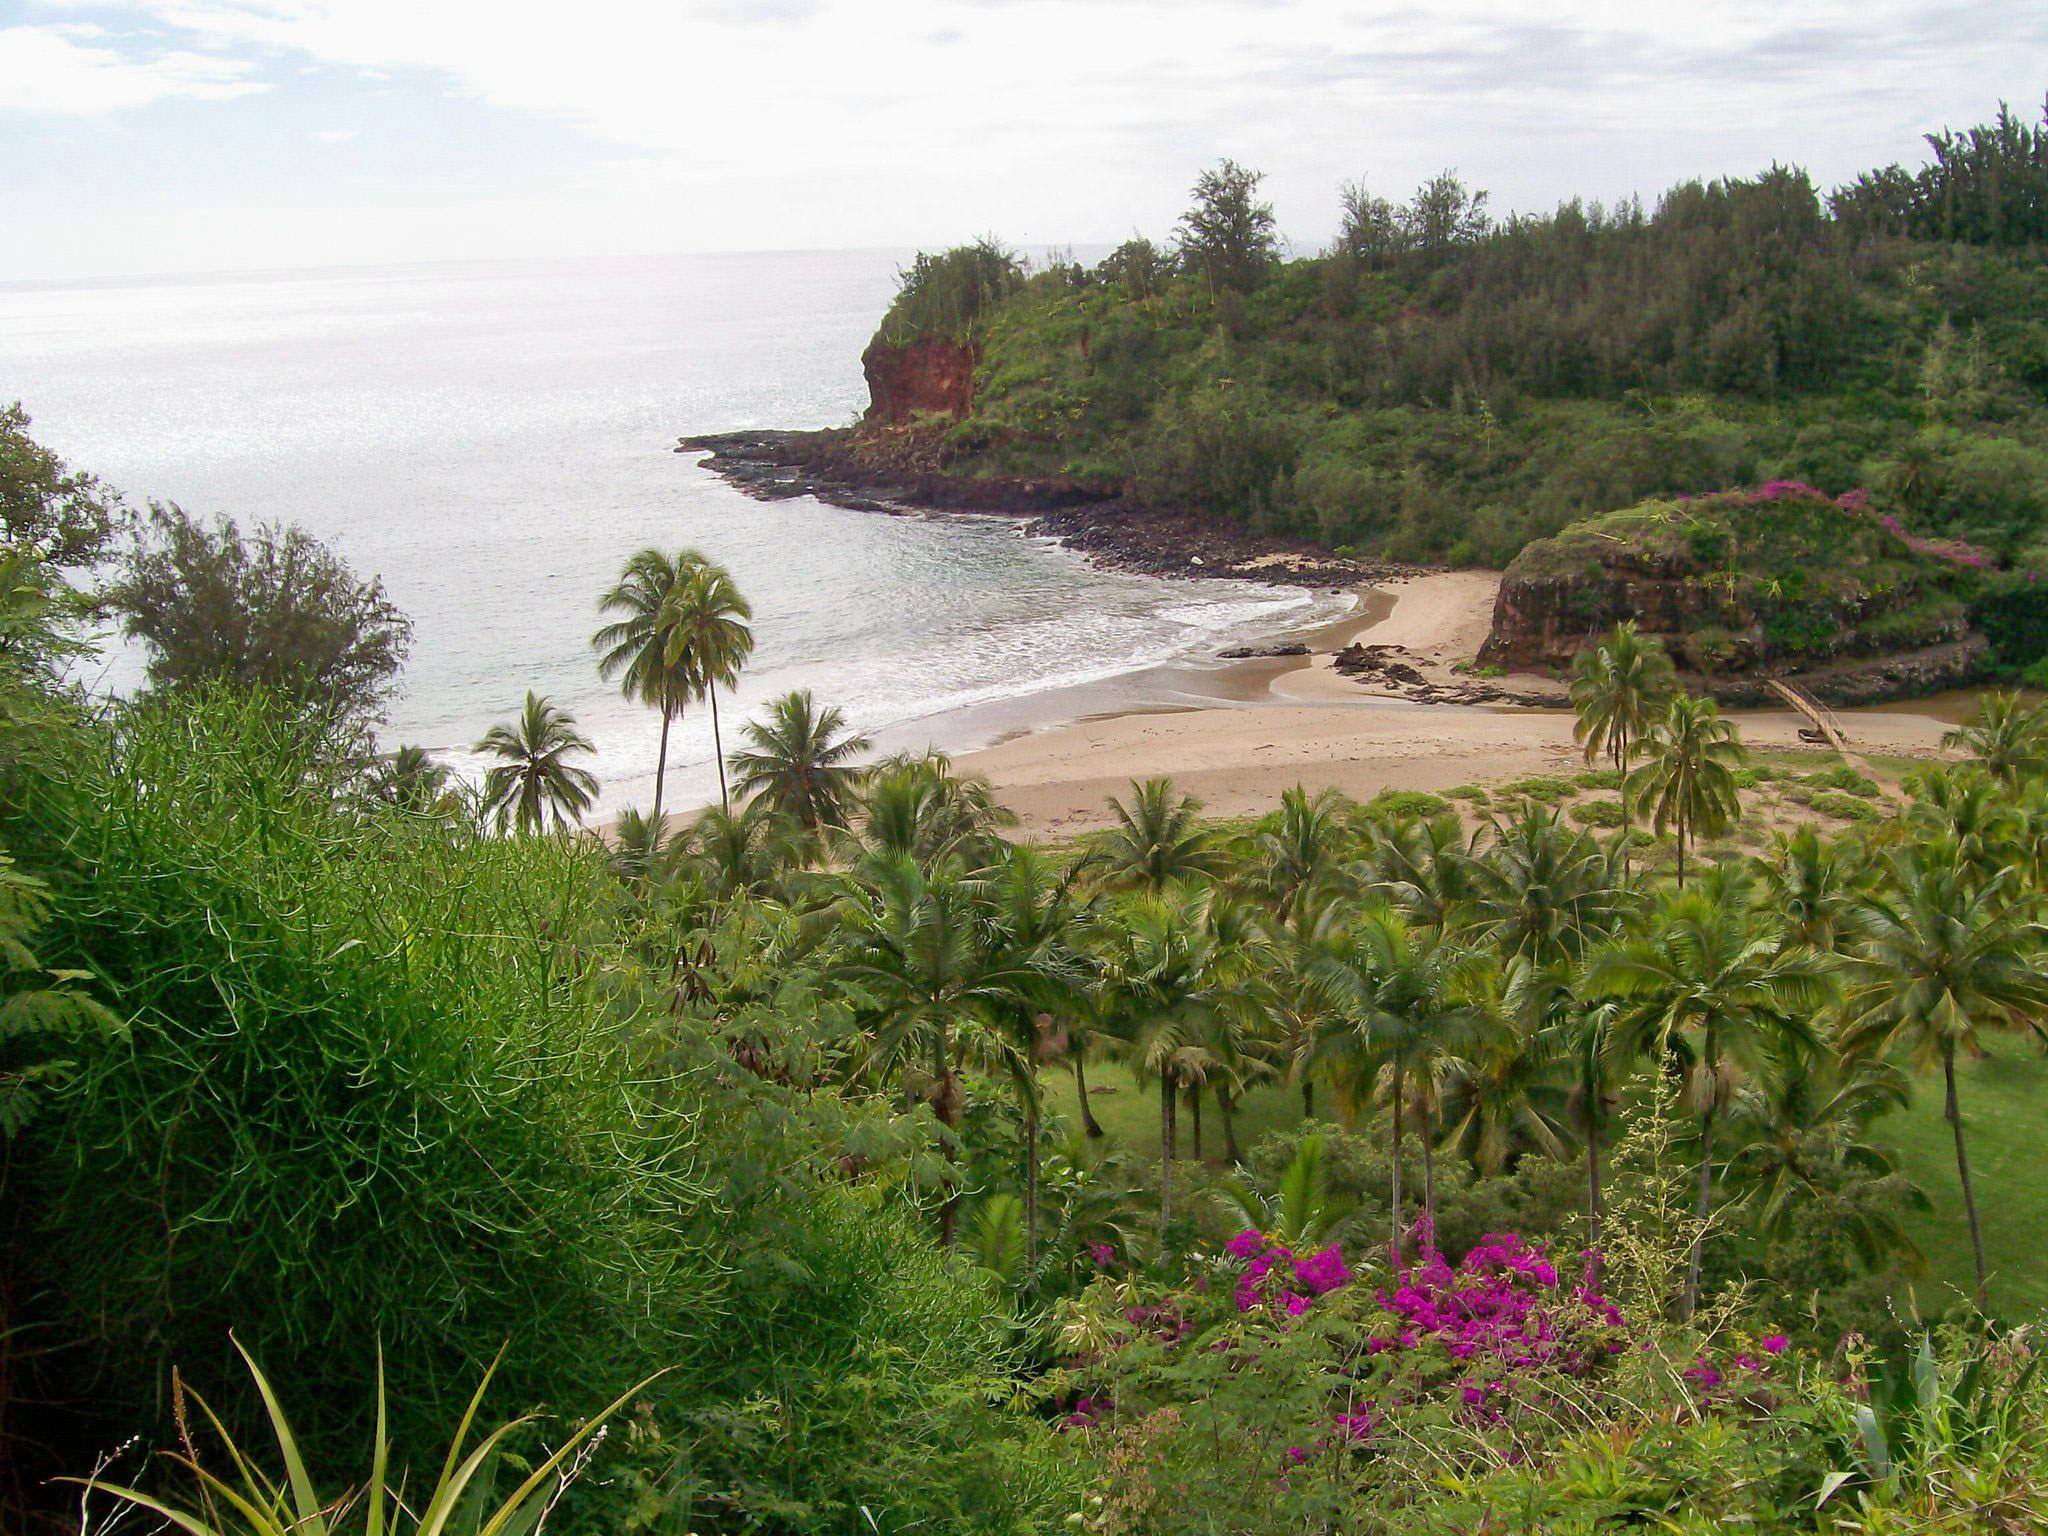 B Ocean Views Photo Contest